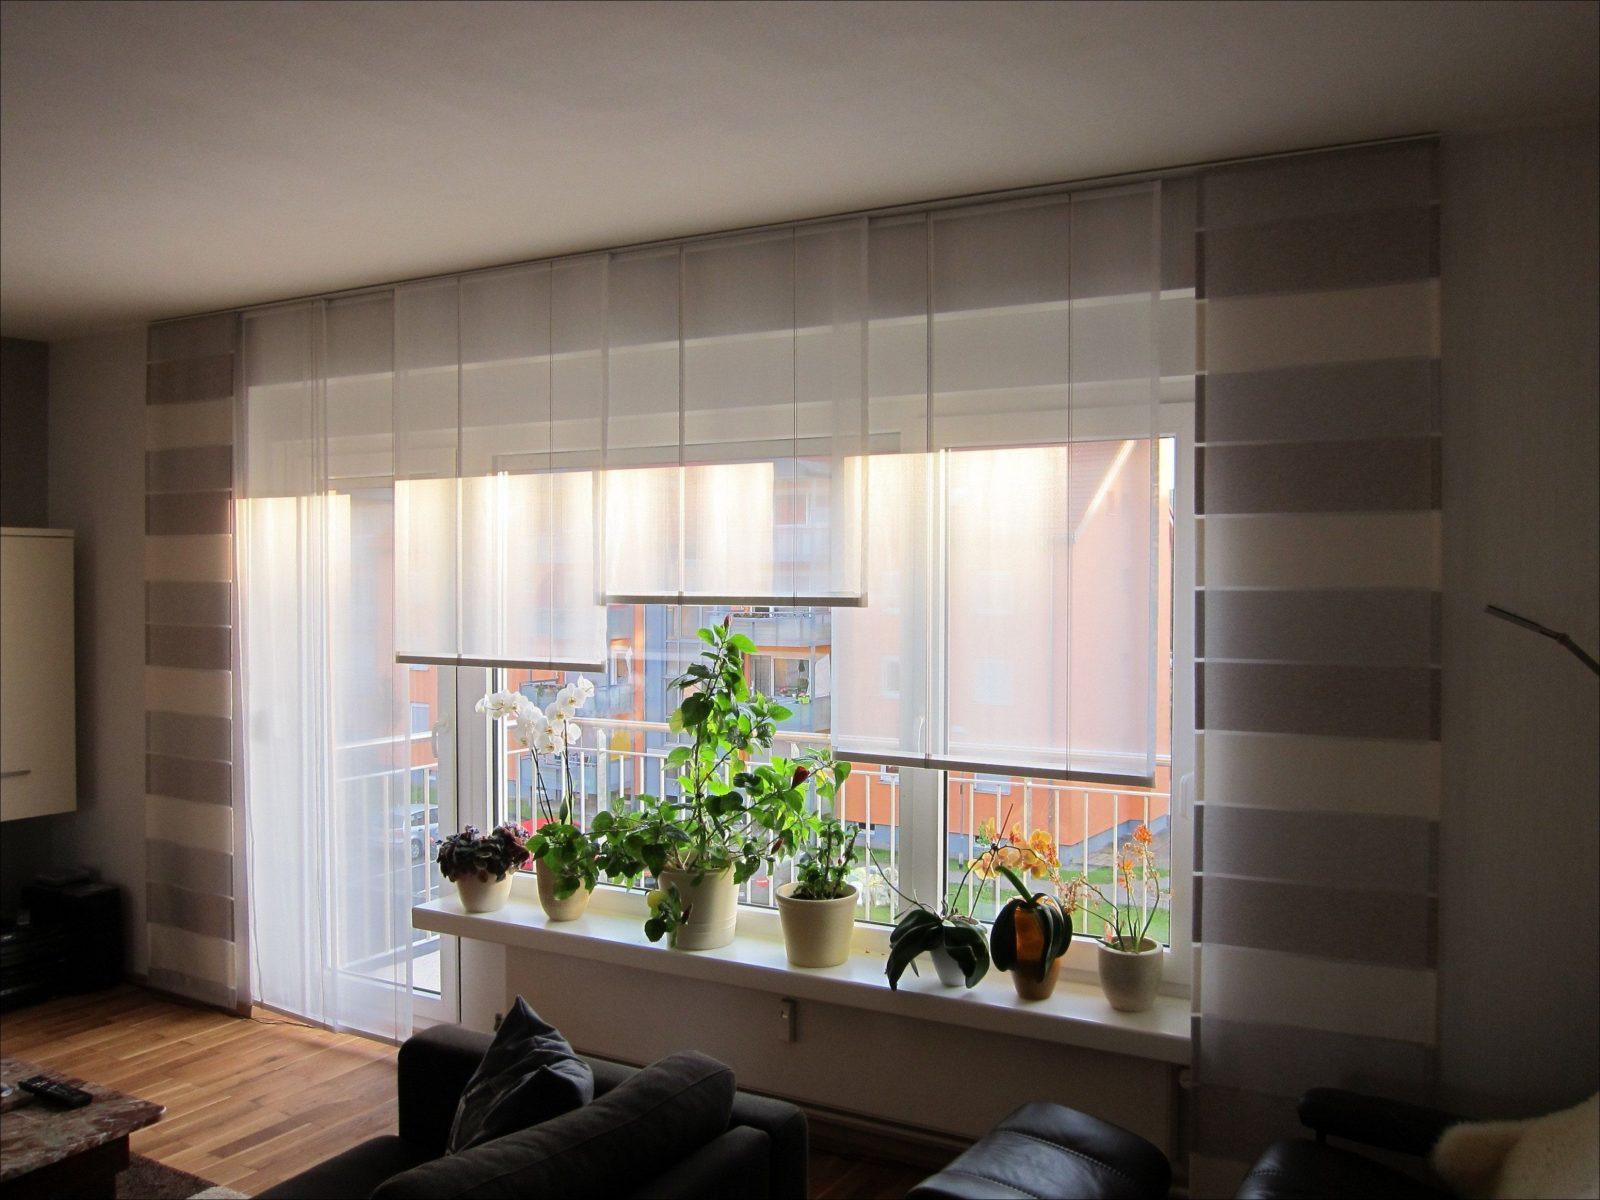 Gardinen Gemütlich Gardinen Vorschläge Für Balkontüren Genial von Gardinen Für Fenster Mit Balkontür Photo